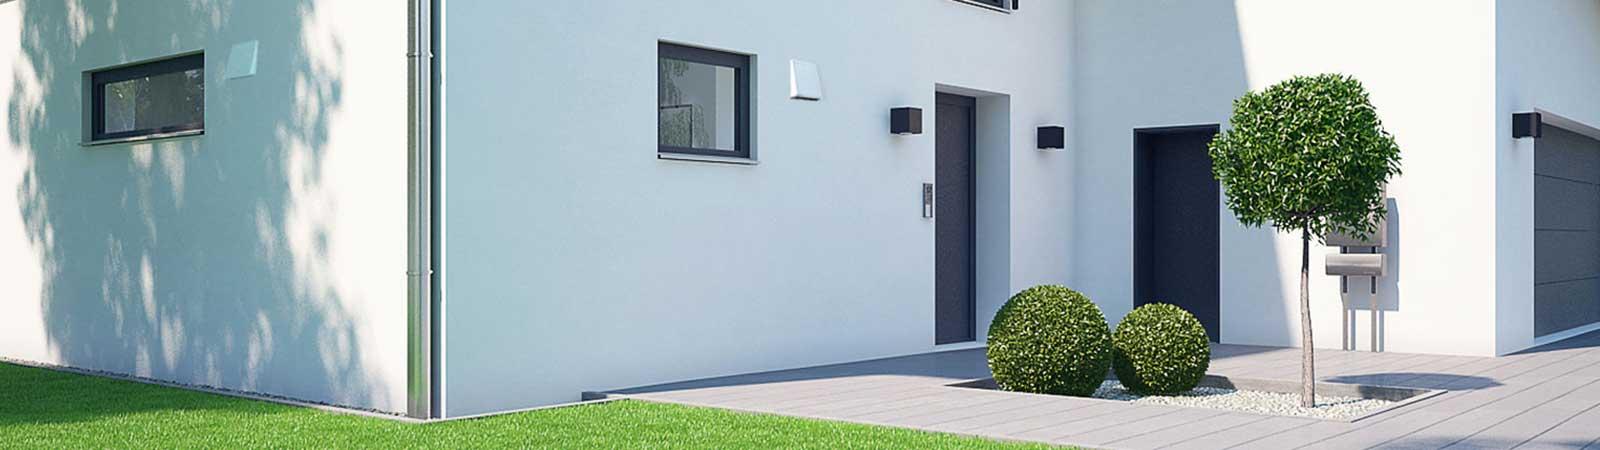 dezentrale l ftung energieeffiziente haustechnik. Black Bedroom Furniture Sets. Home Design Ideas